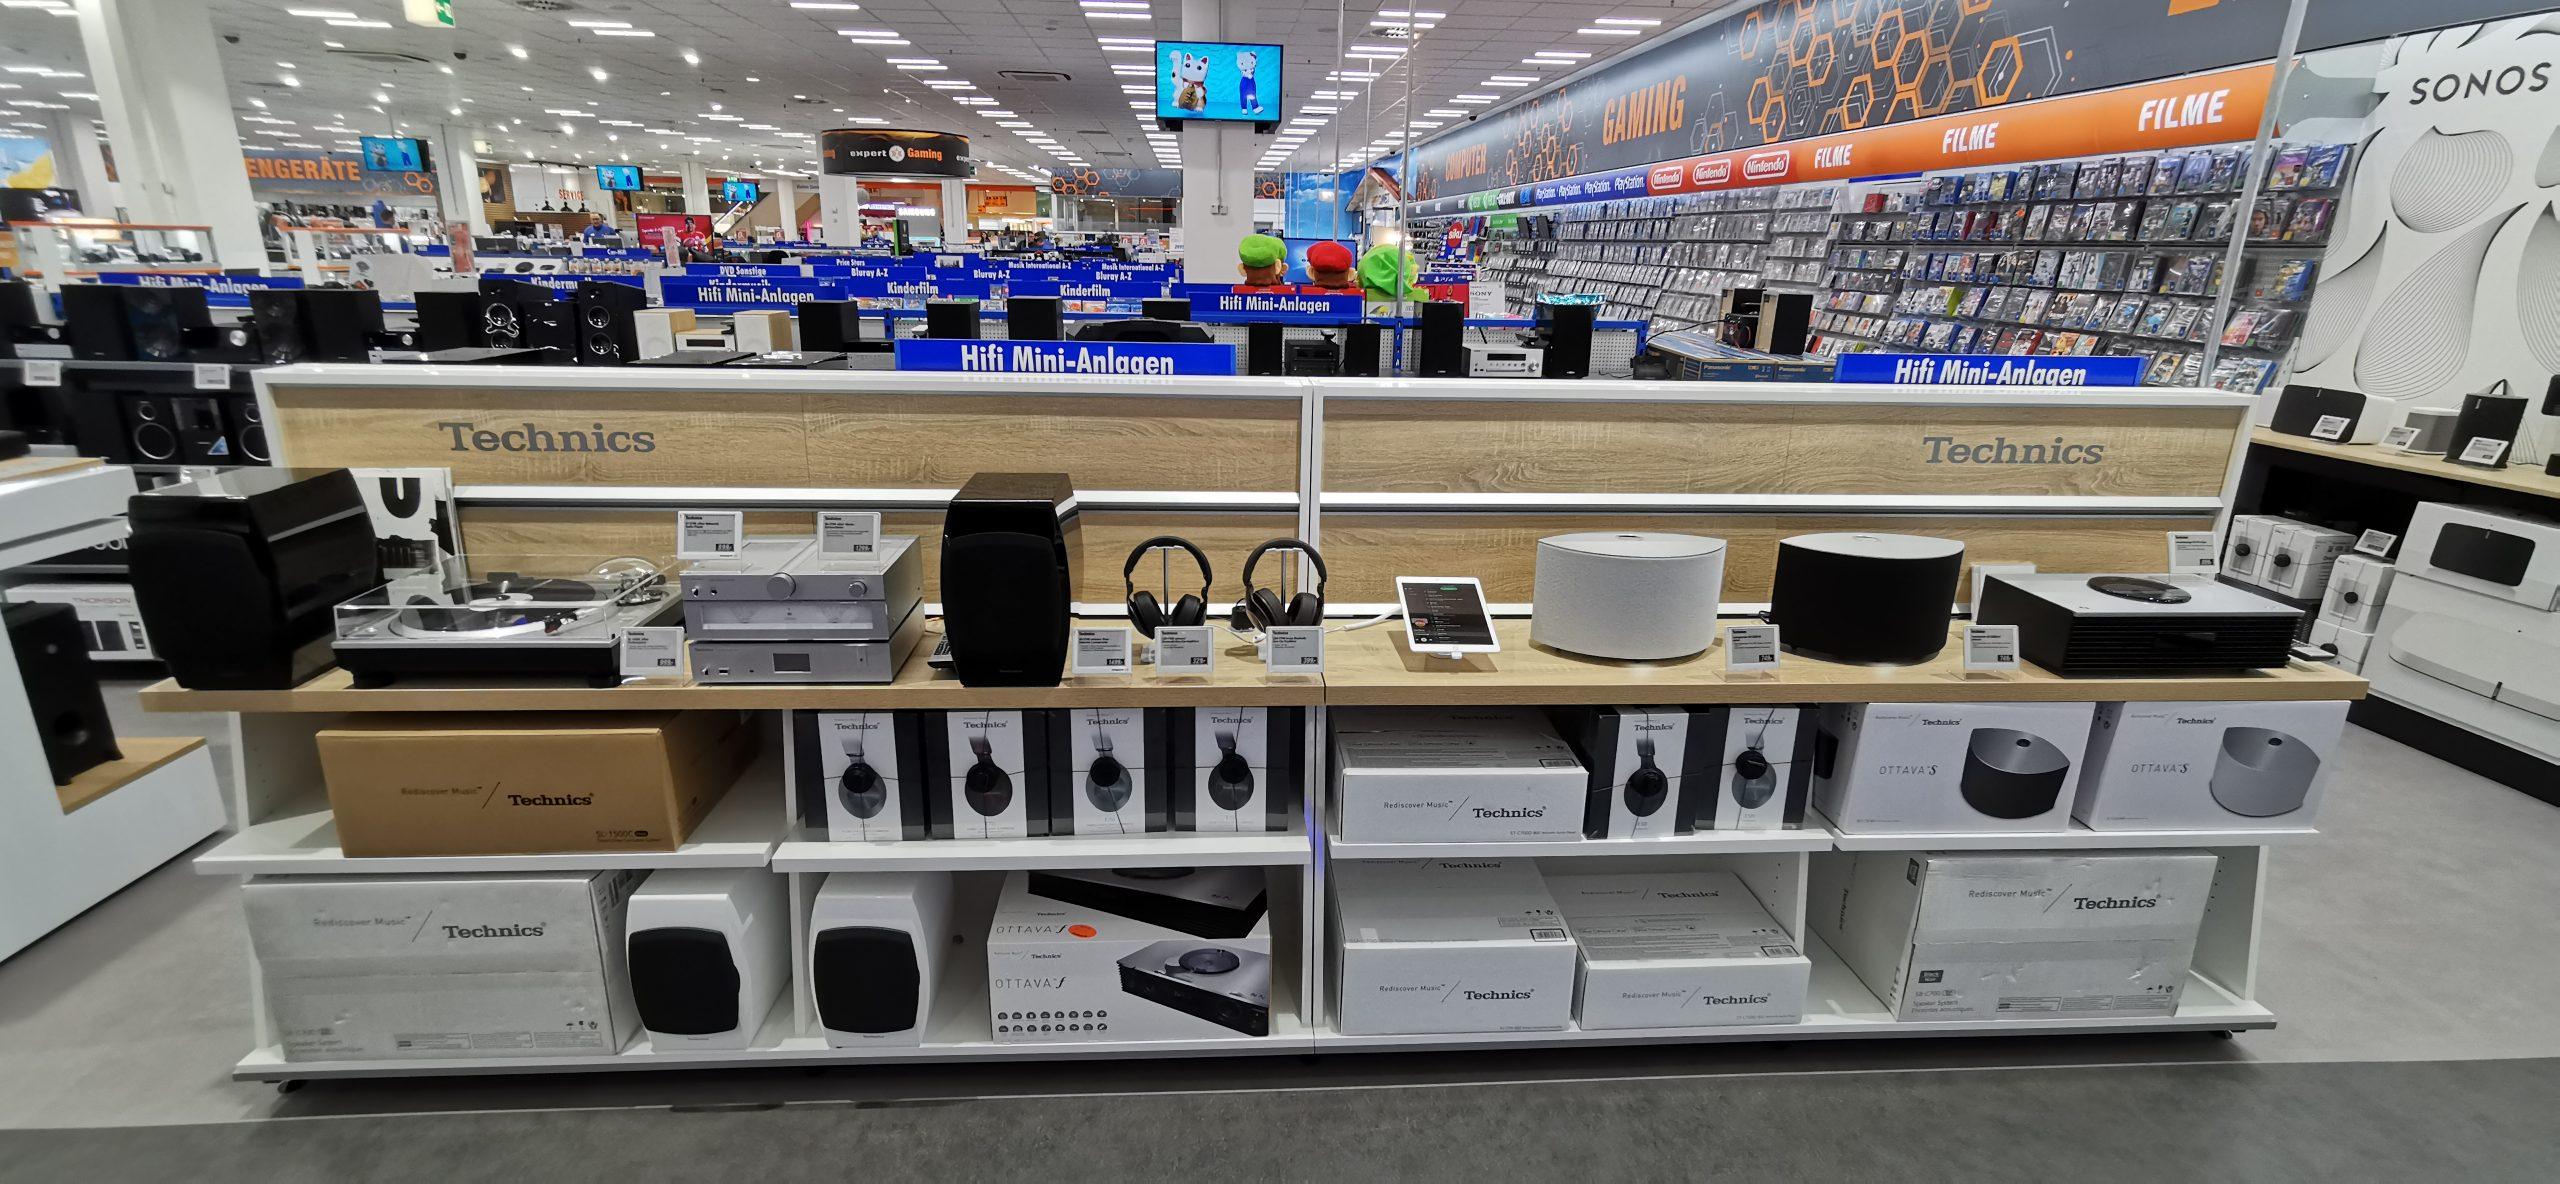 Hochwertige POS-Möbel für Audioprodukte